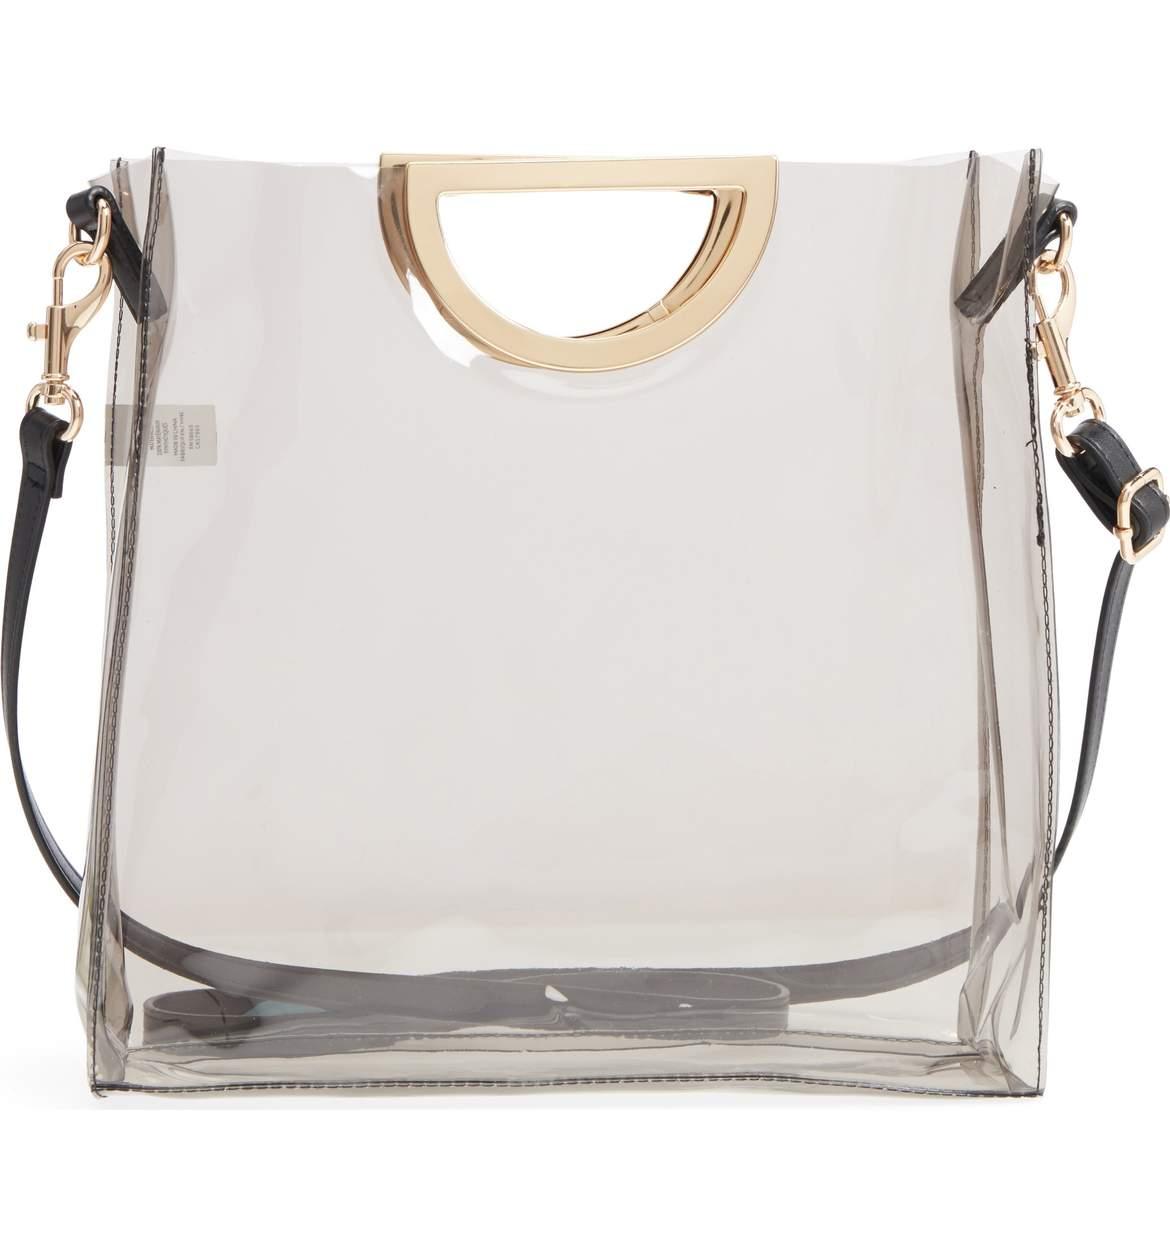 nordstom clear bag